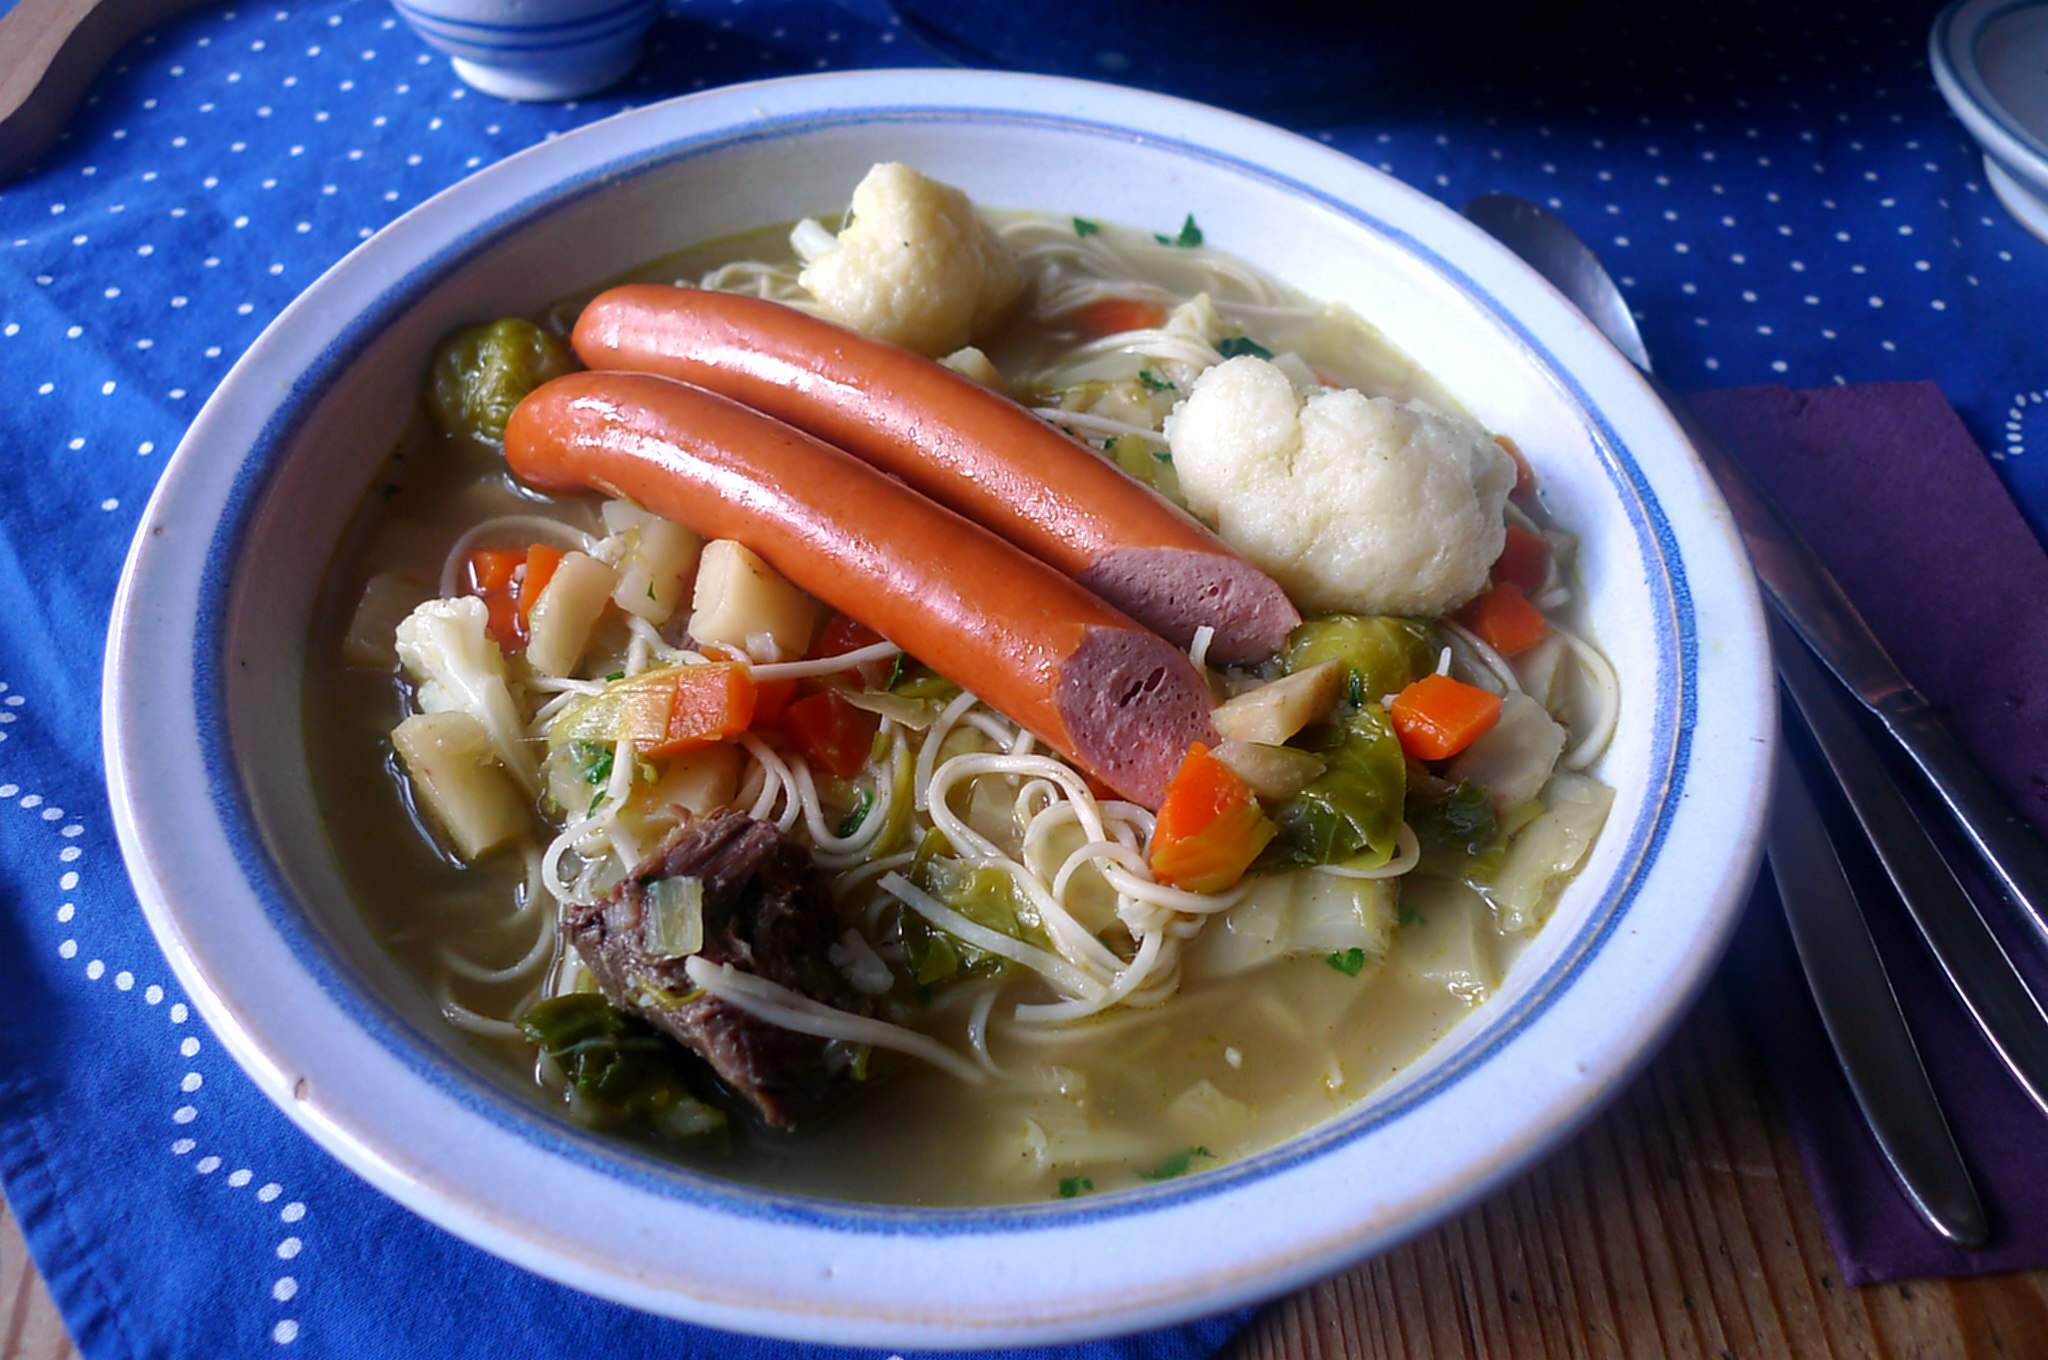 gemusesuppe-mit-nudeln-und-wiener-16